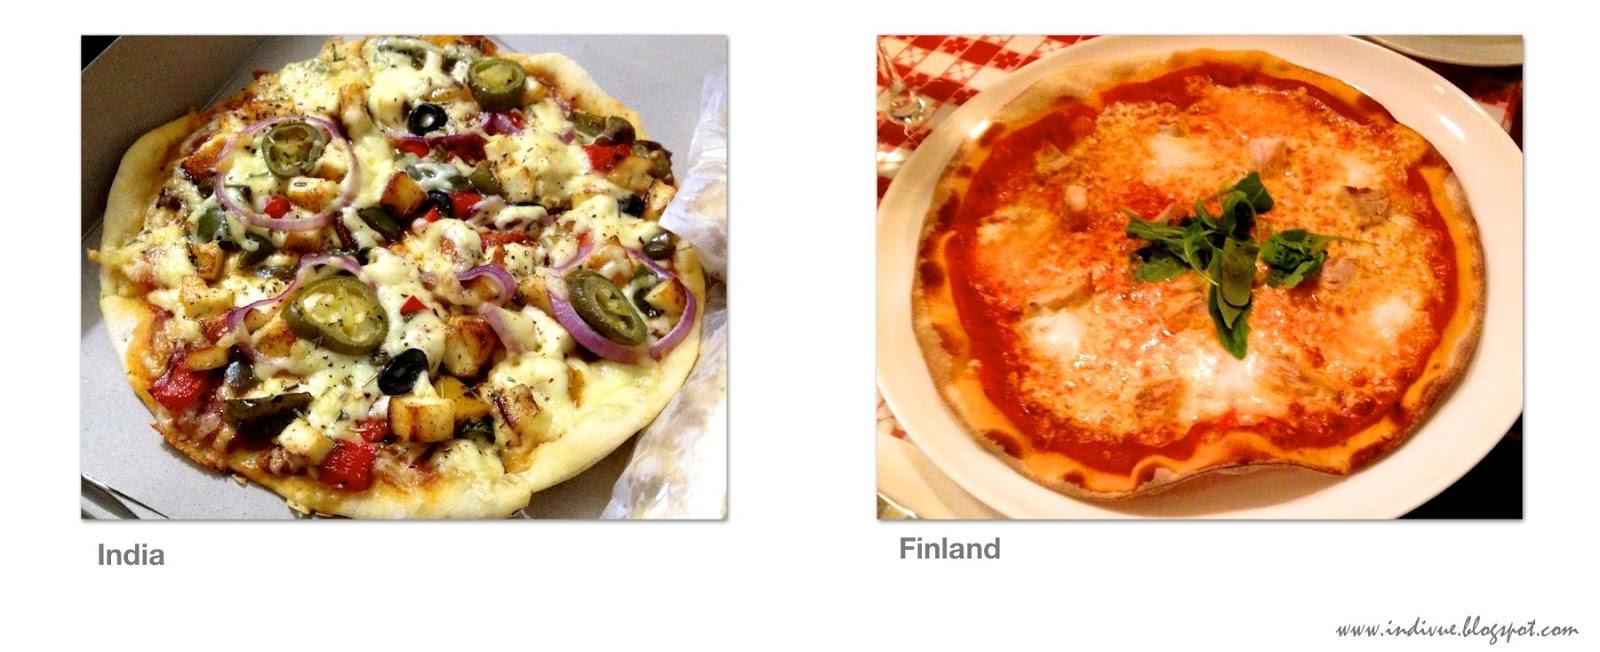 Intialainen pizza ja suomalainen pizza